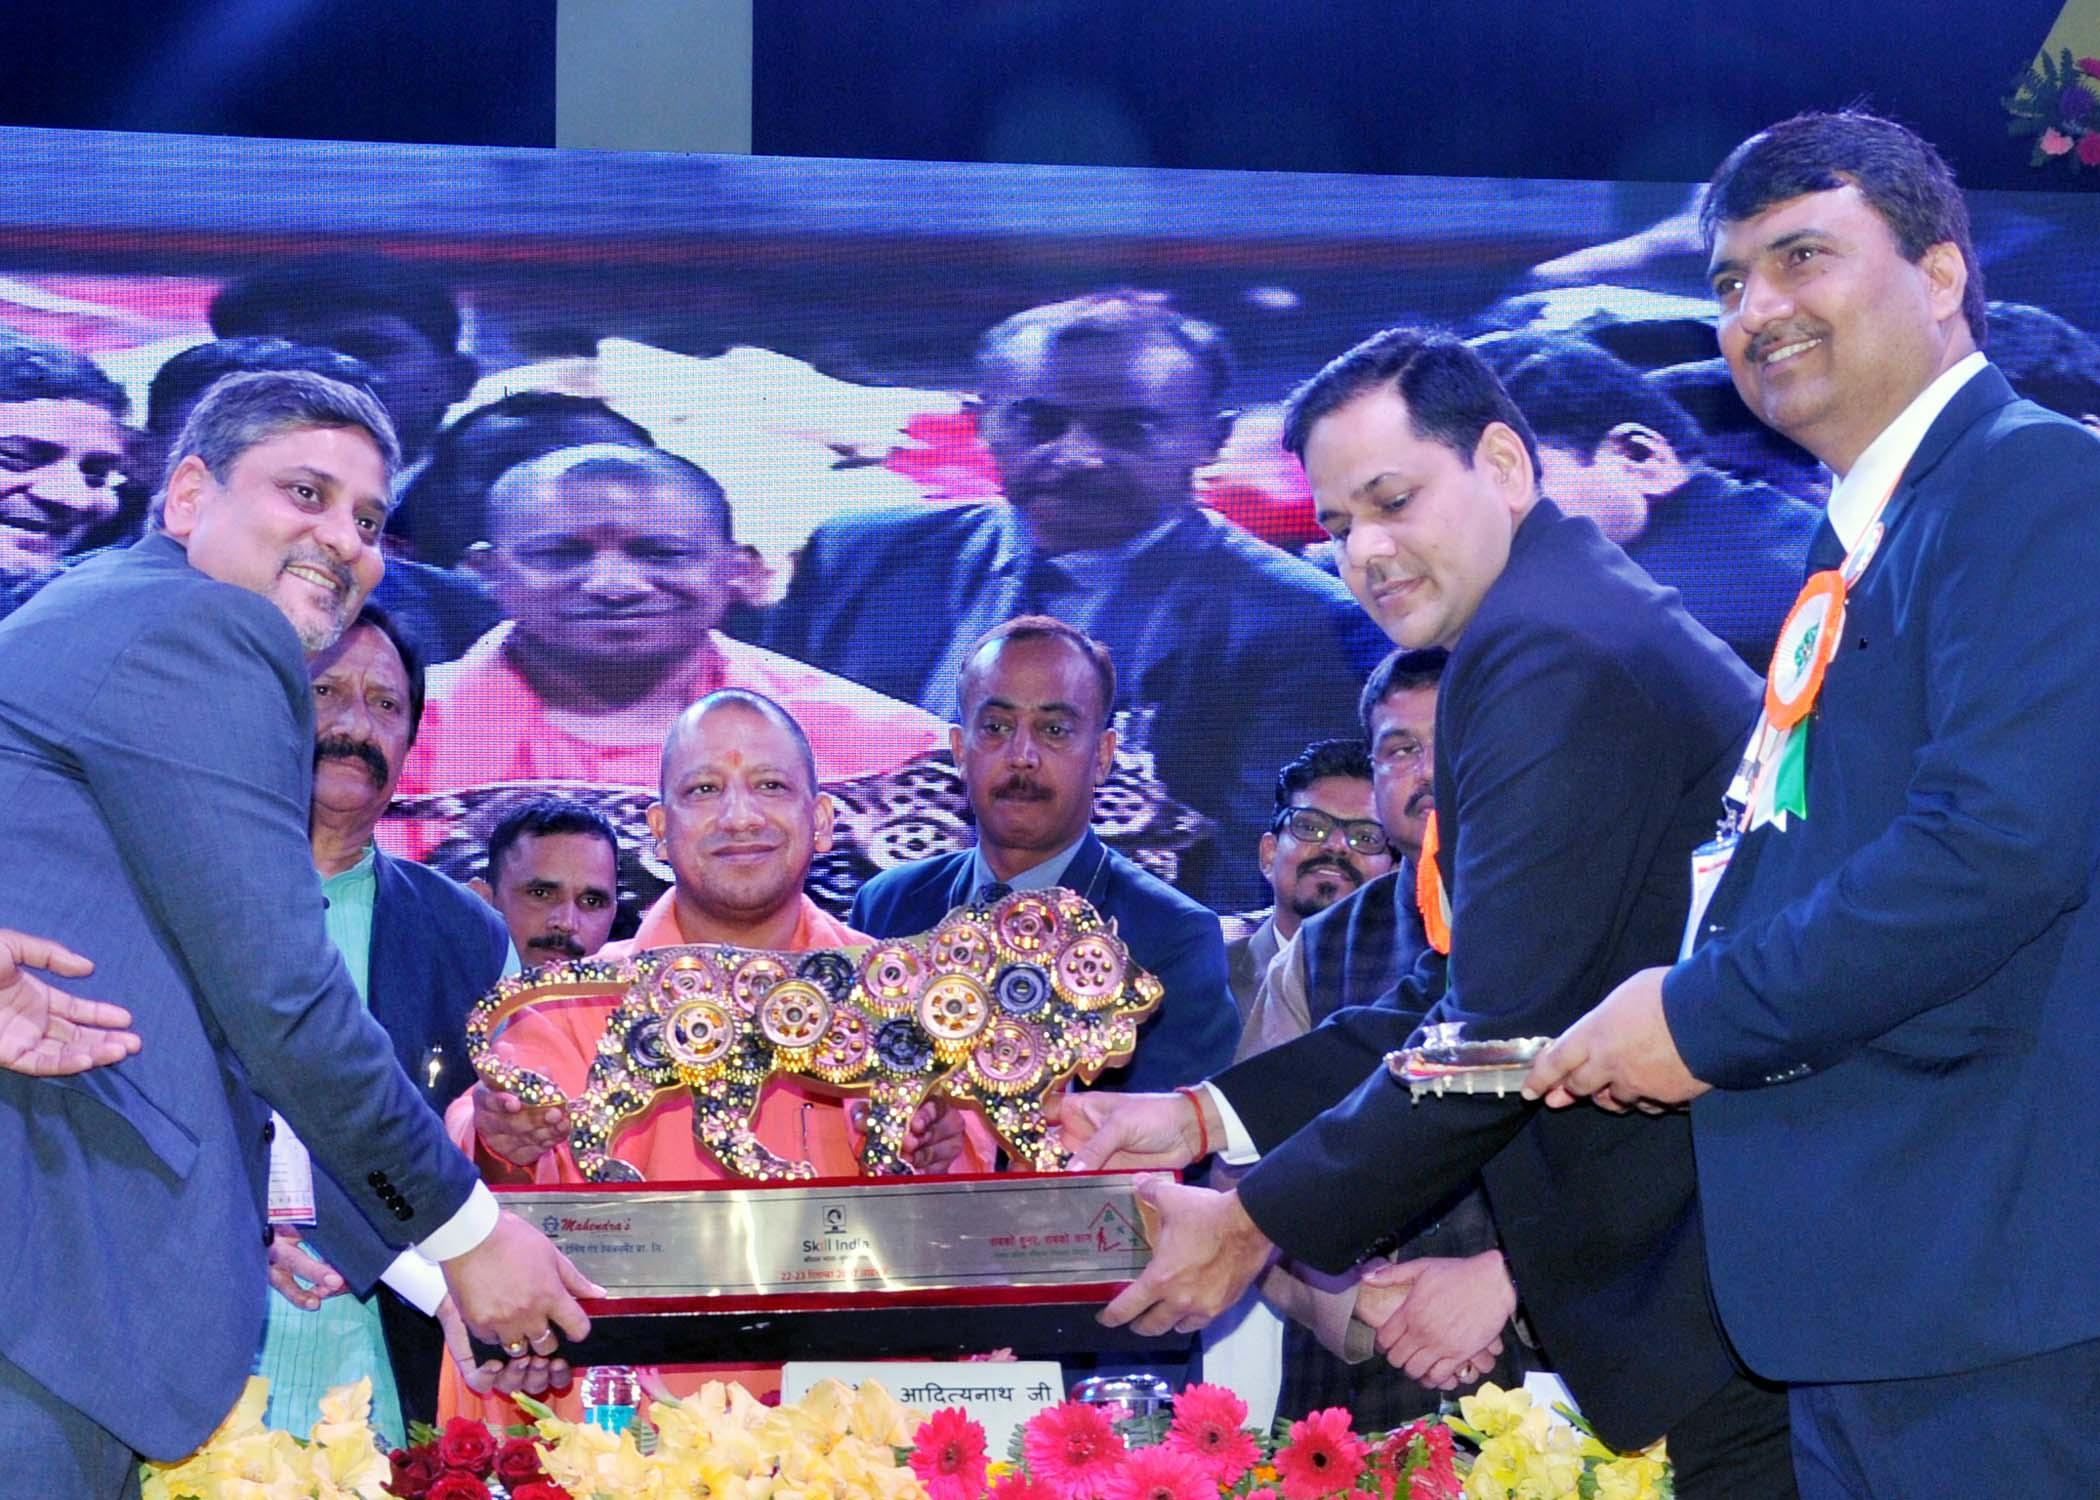 मुख्यमंत्री ने कौशल विकास पर आयोजित सेमिनार को सम्बोधित किया